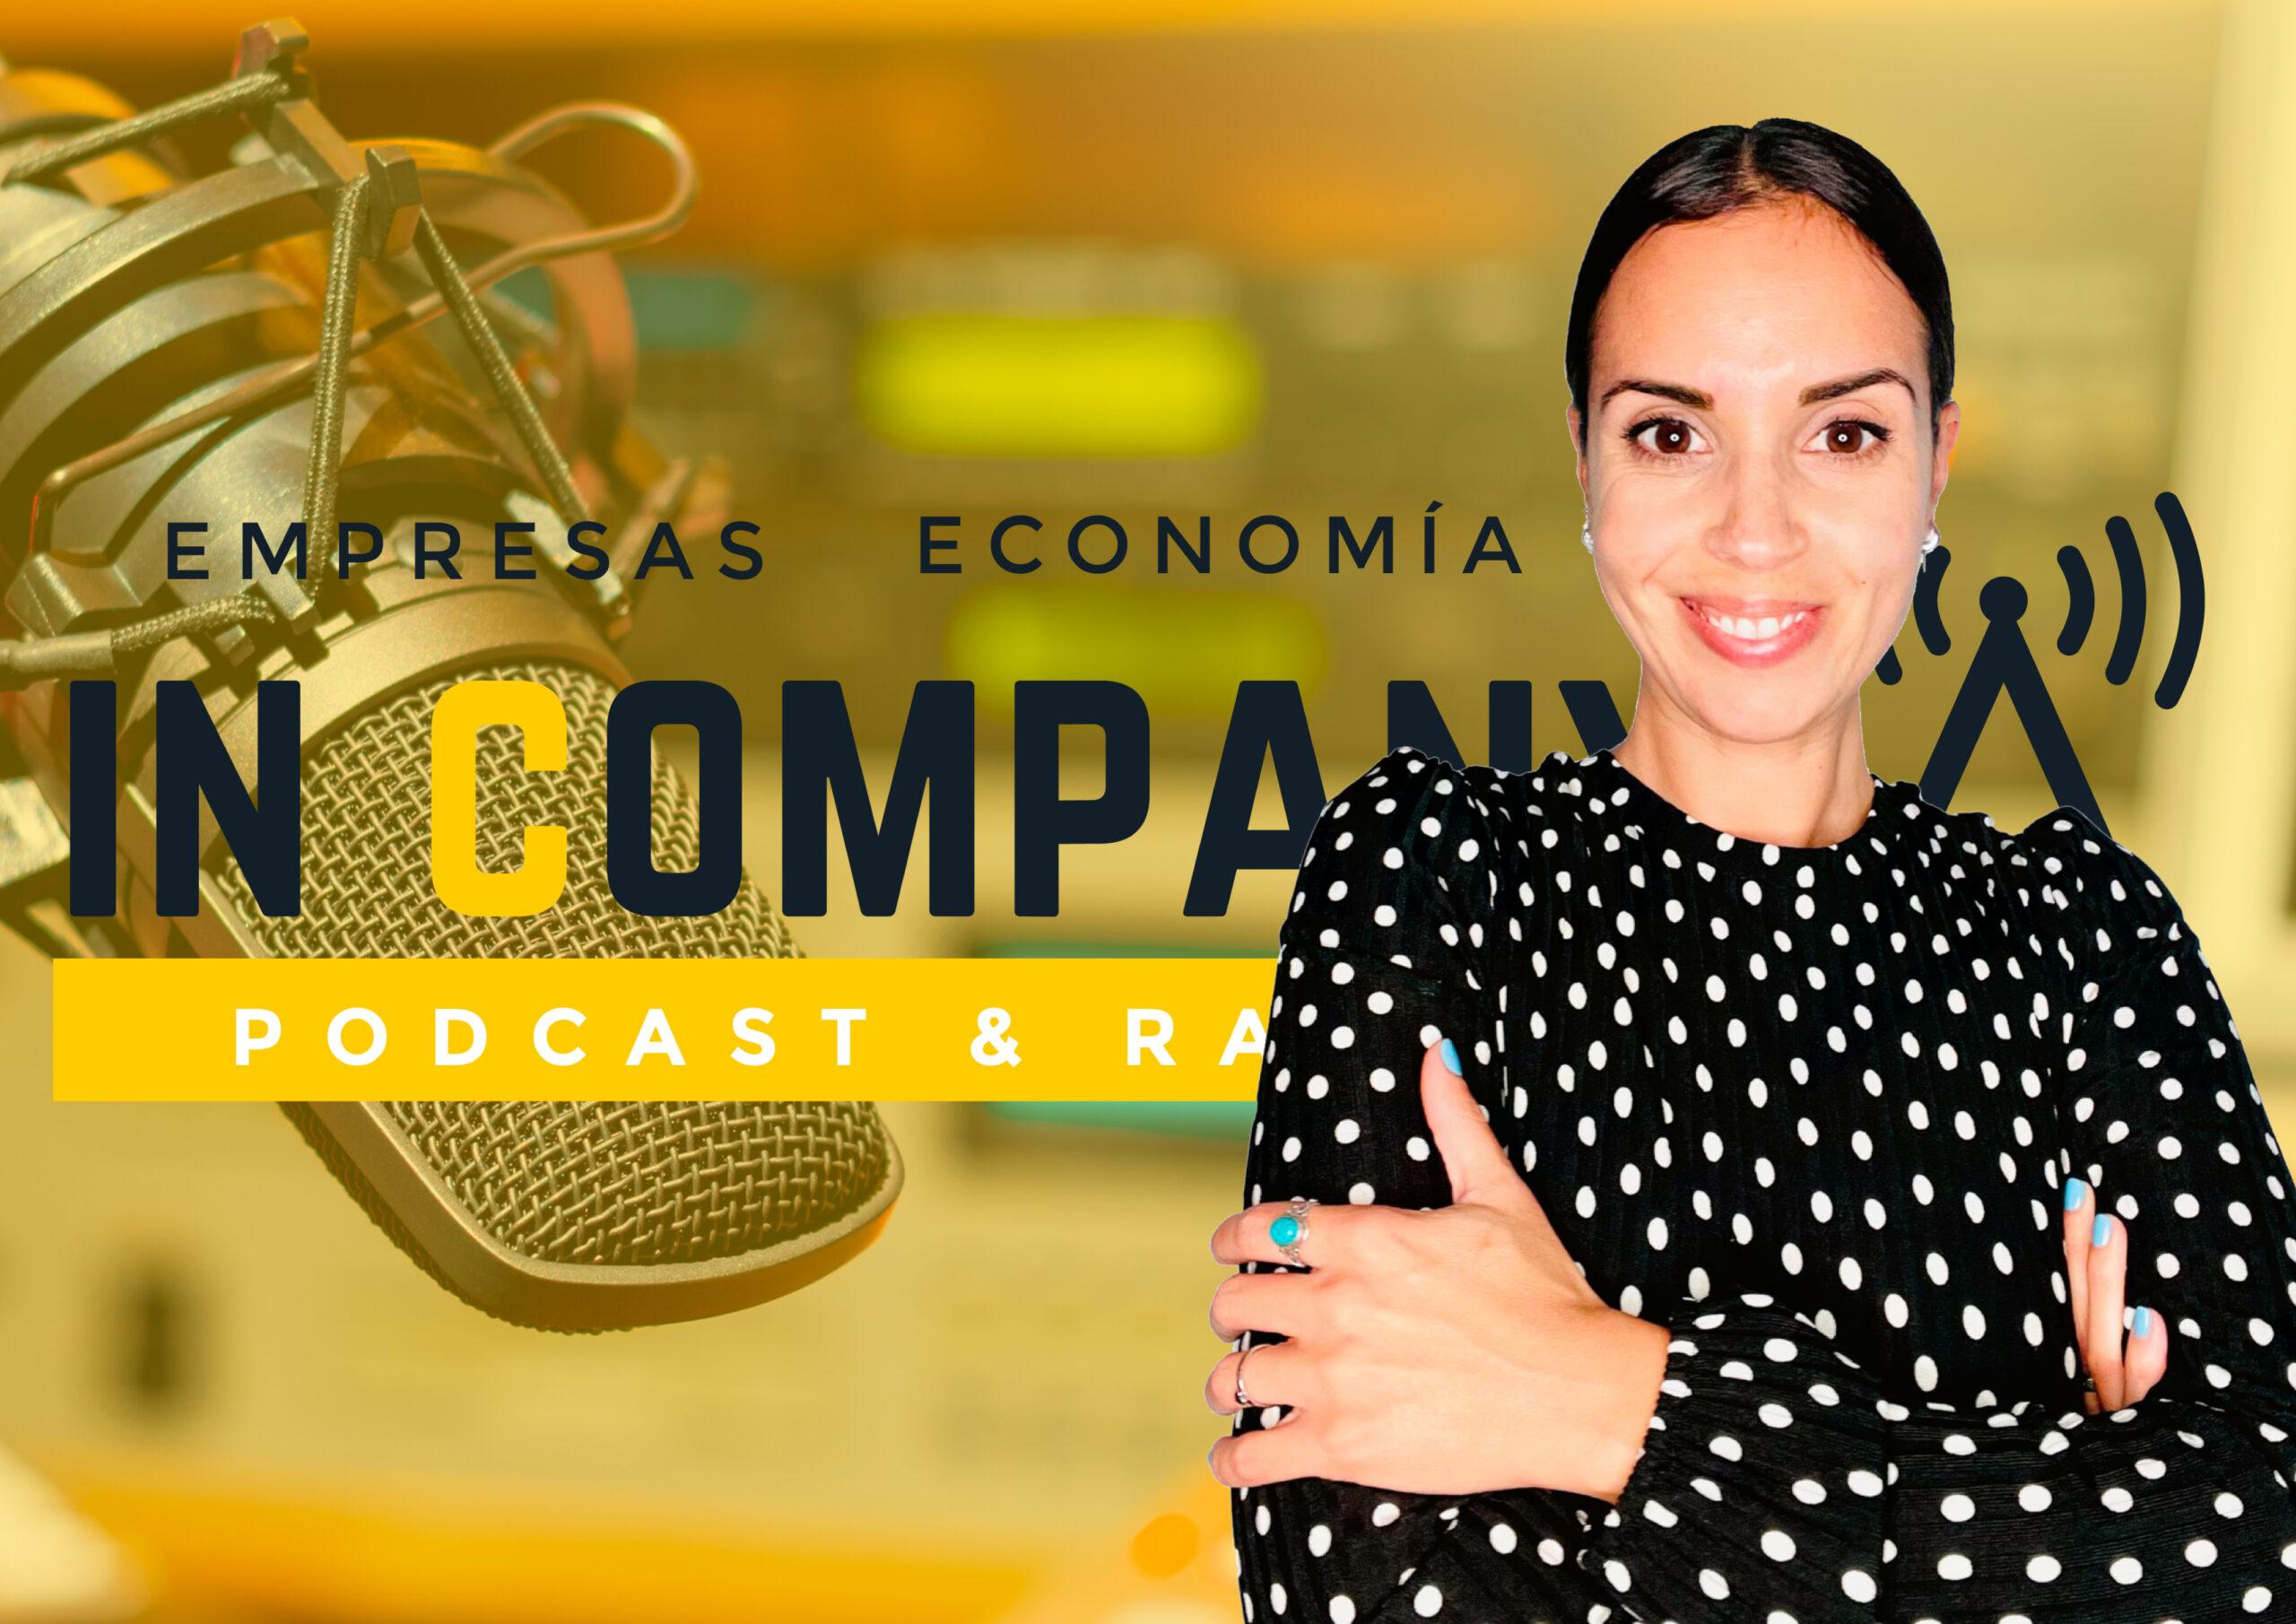 blog veronica inversiones y negocios drago